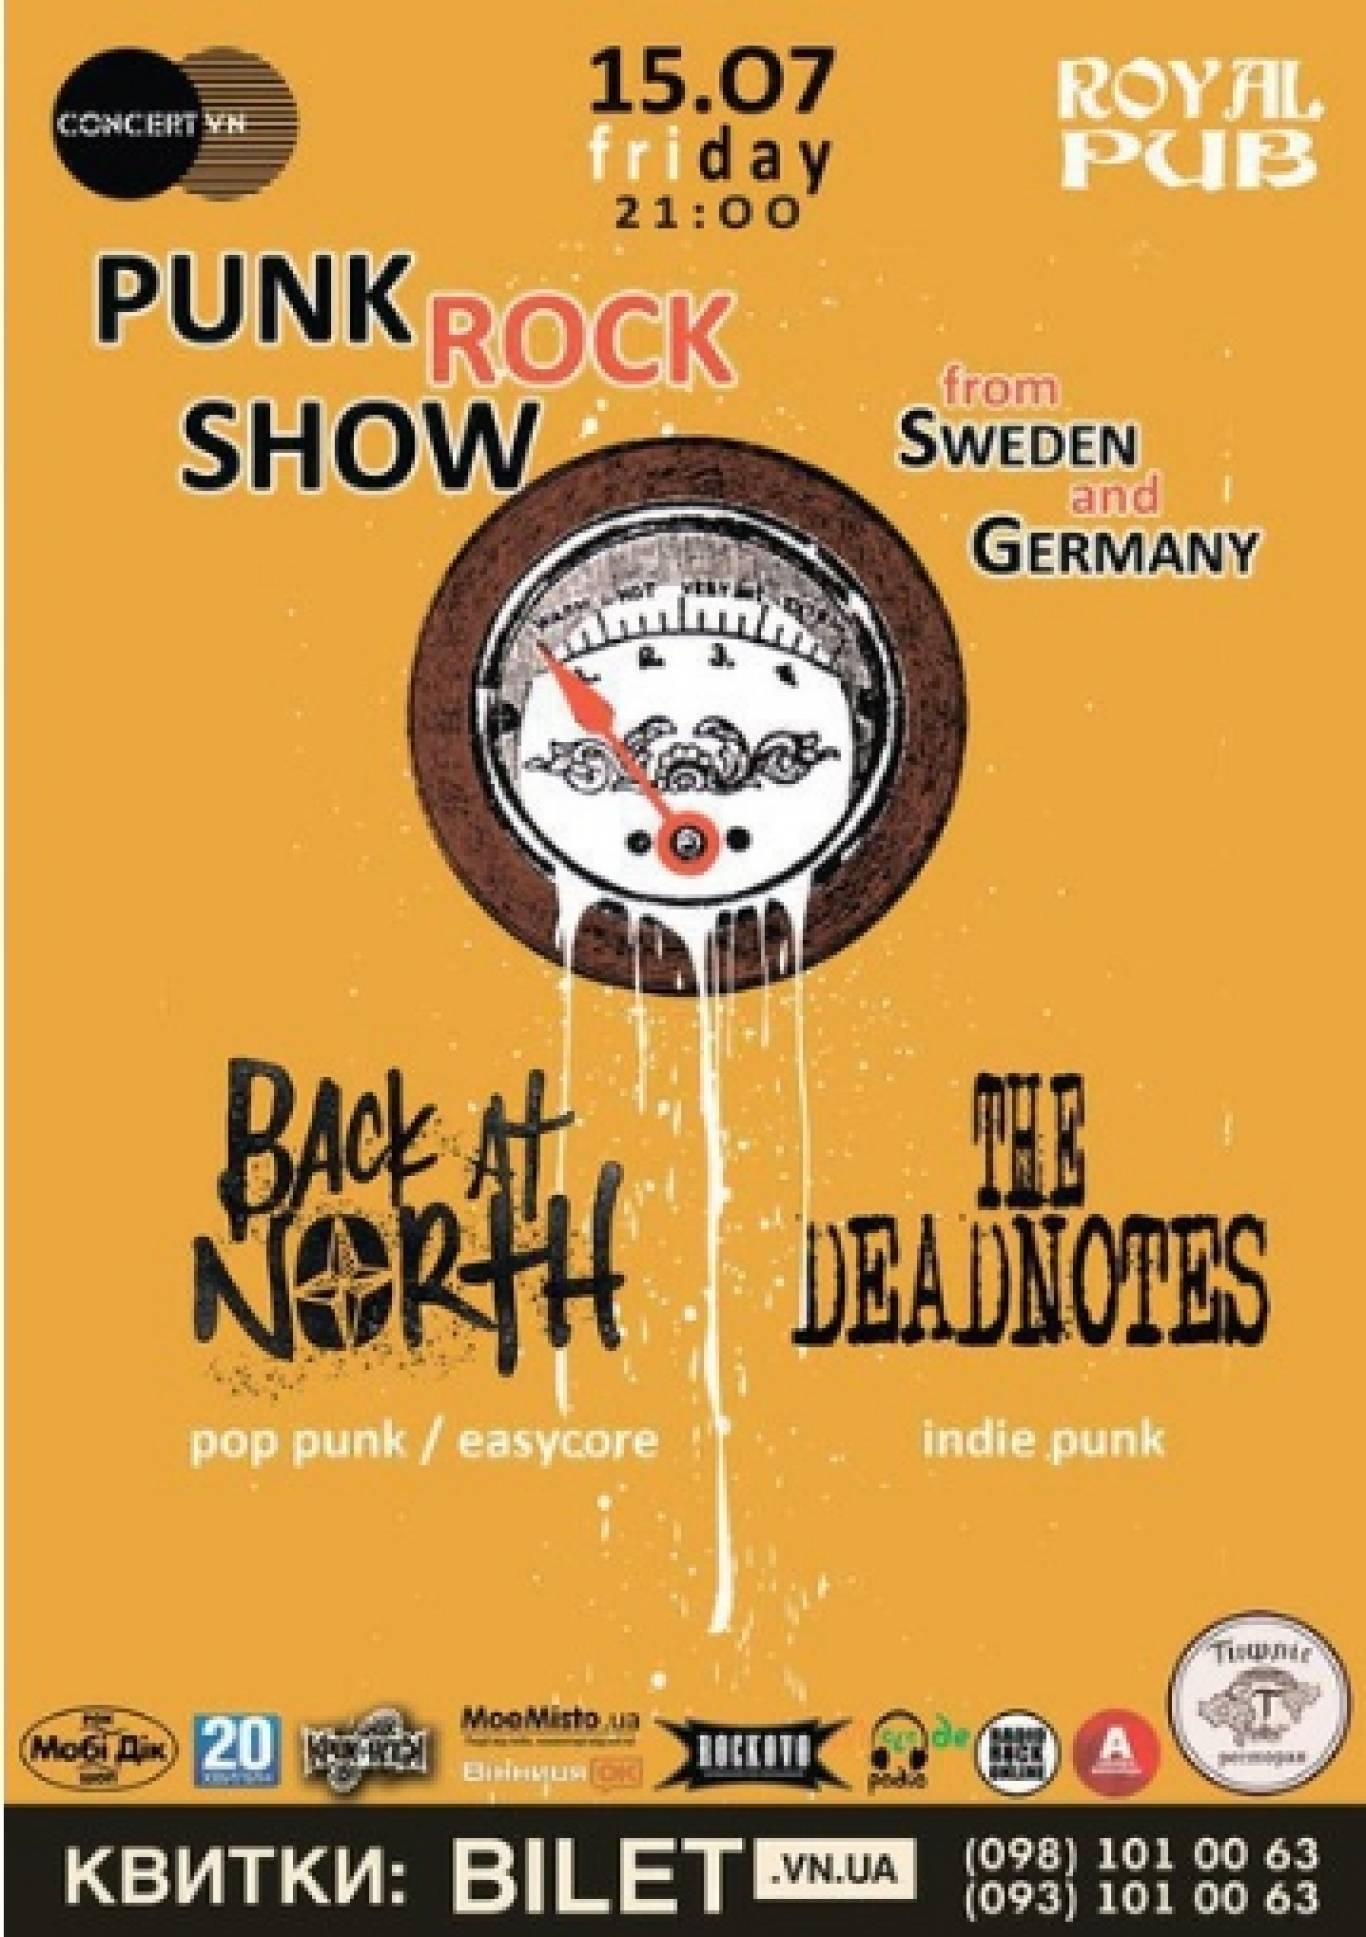 Punk Rock Show у Royal Pub. Розіграш квитків